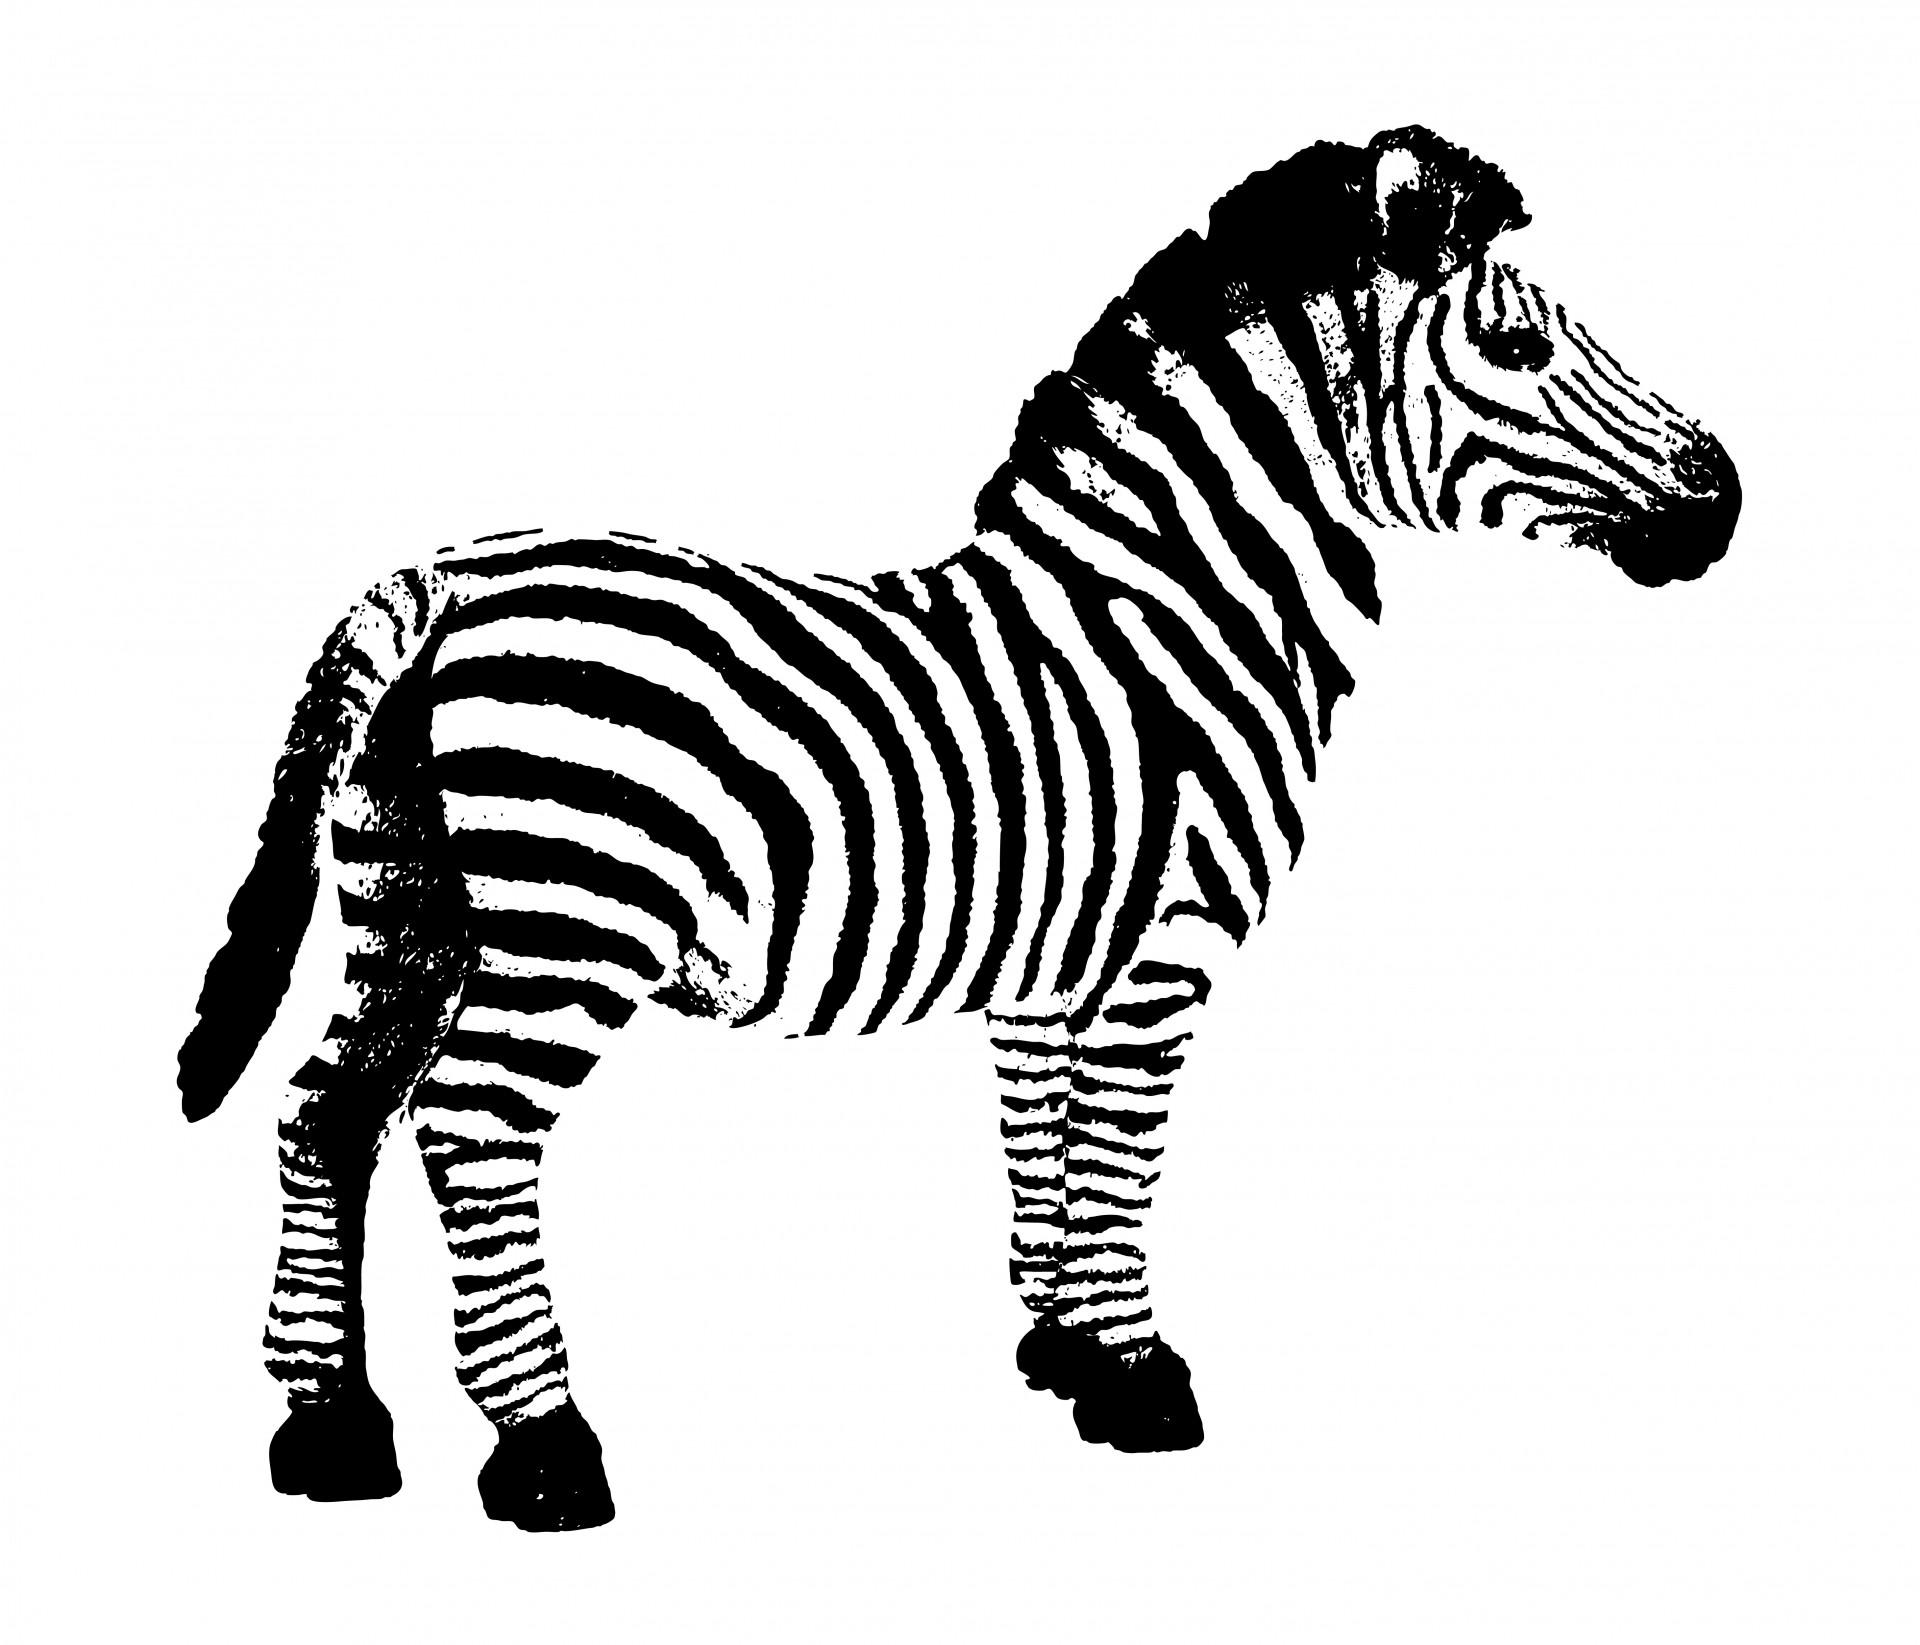 ... Zebra clip art free - Cliparting clipartall.com ...